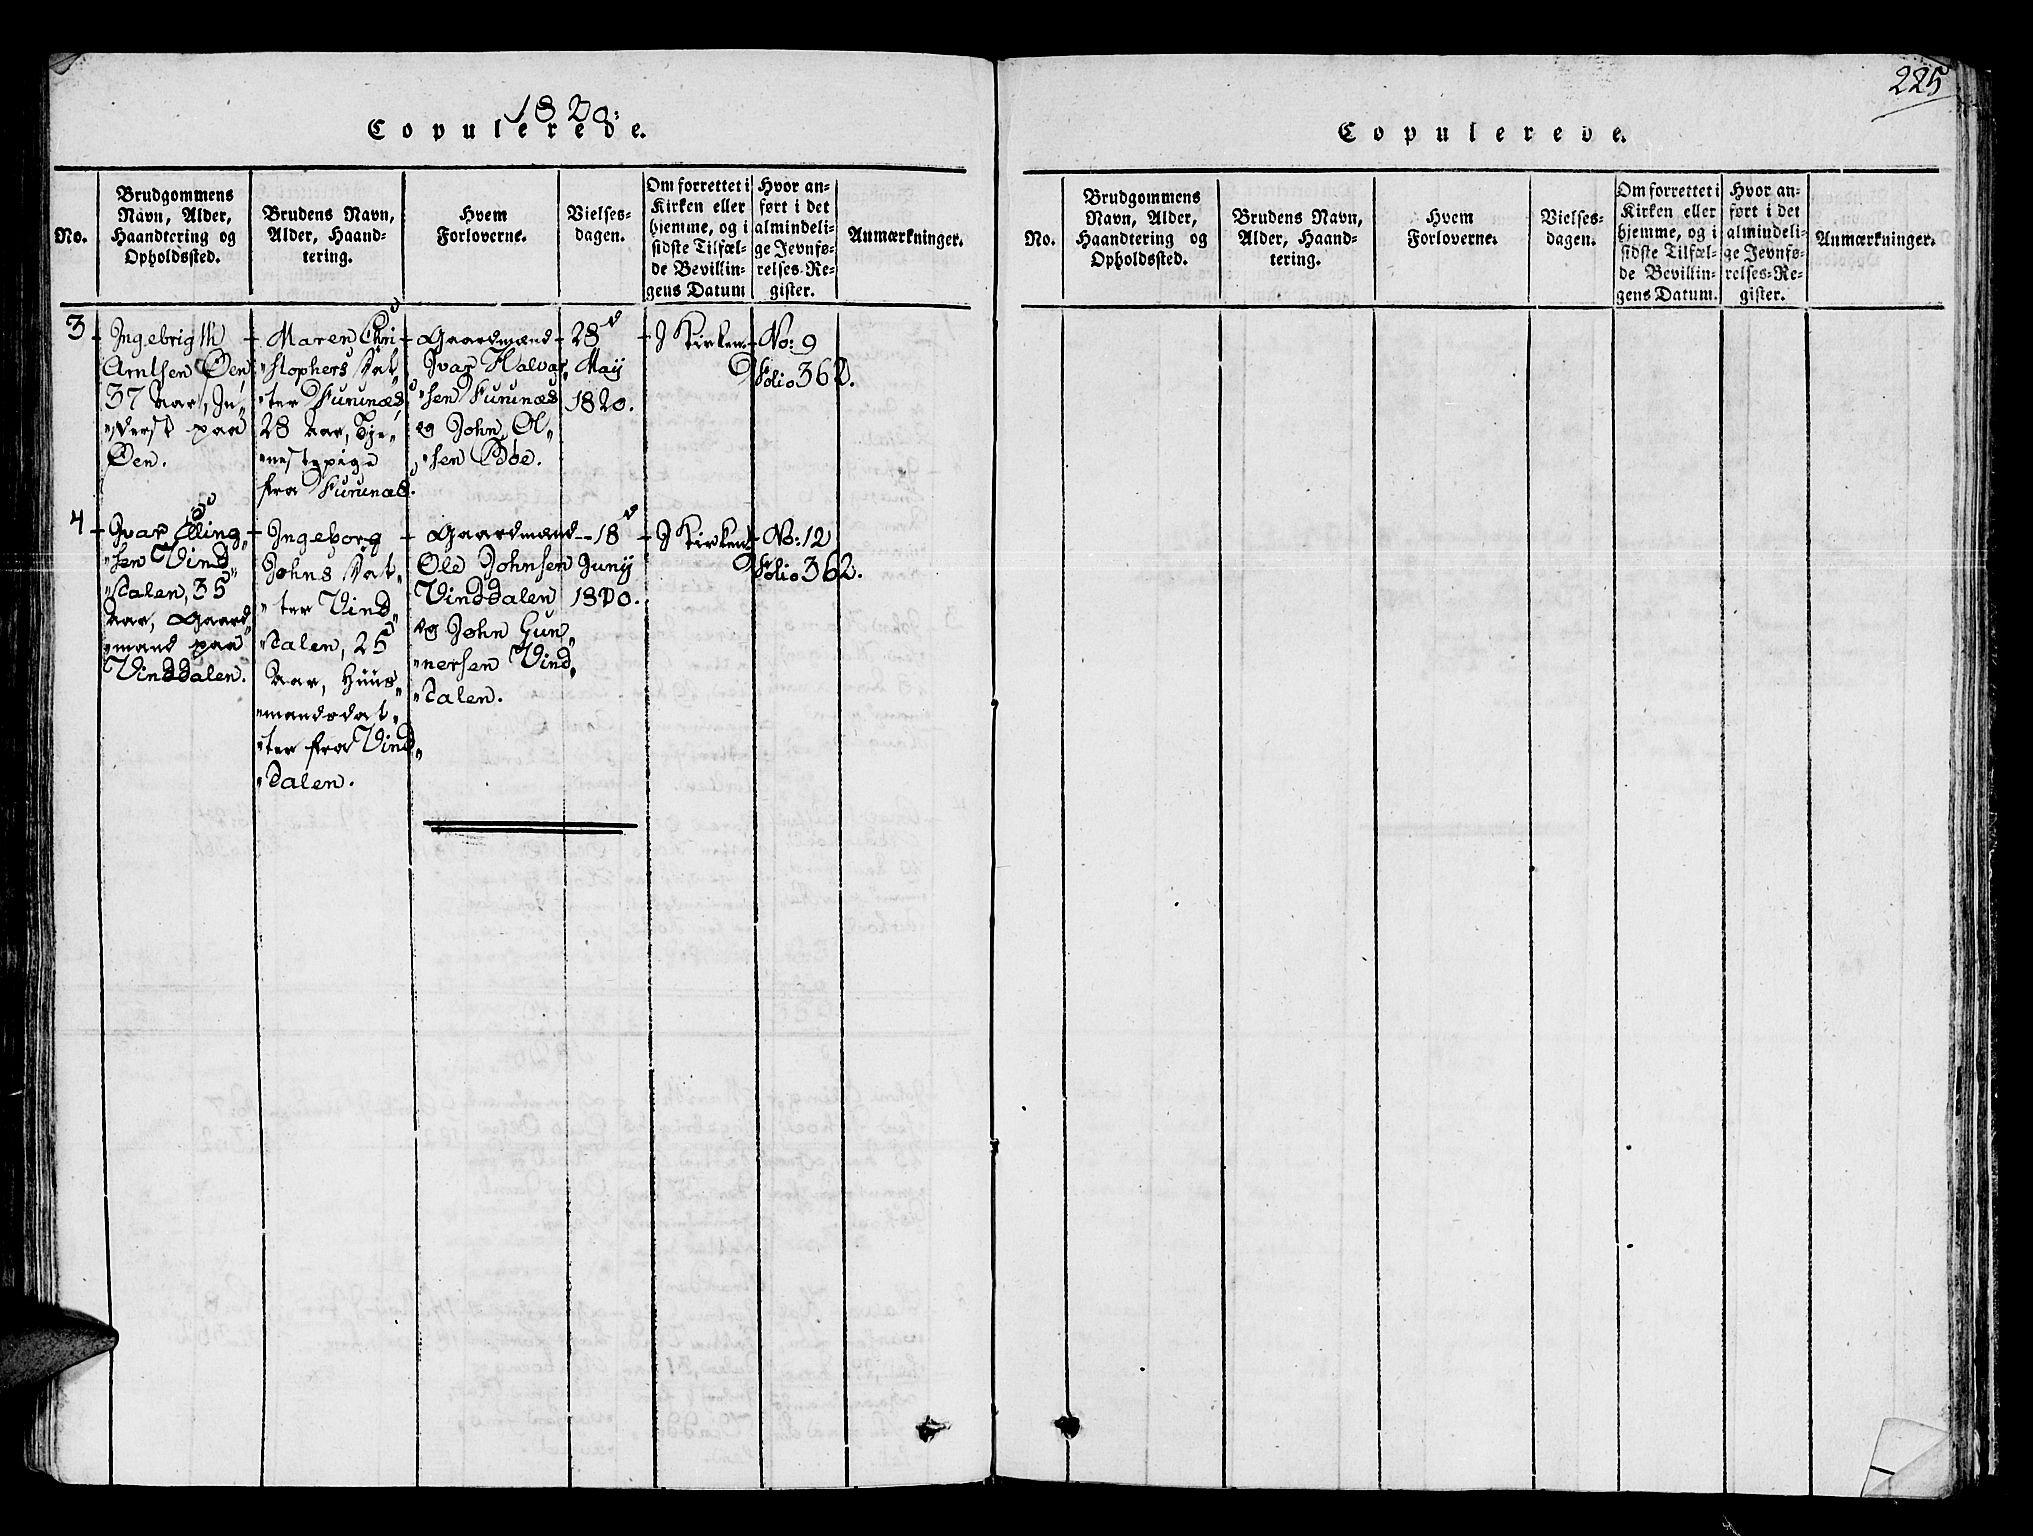 SAT, Ministerialprotokoller, klokkerbøker og fødselsregistre - Sør-Trøndelag, 678/L0896: Ministerialbok nr. 678A05 /2, 1816-1821, s. 225